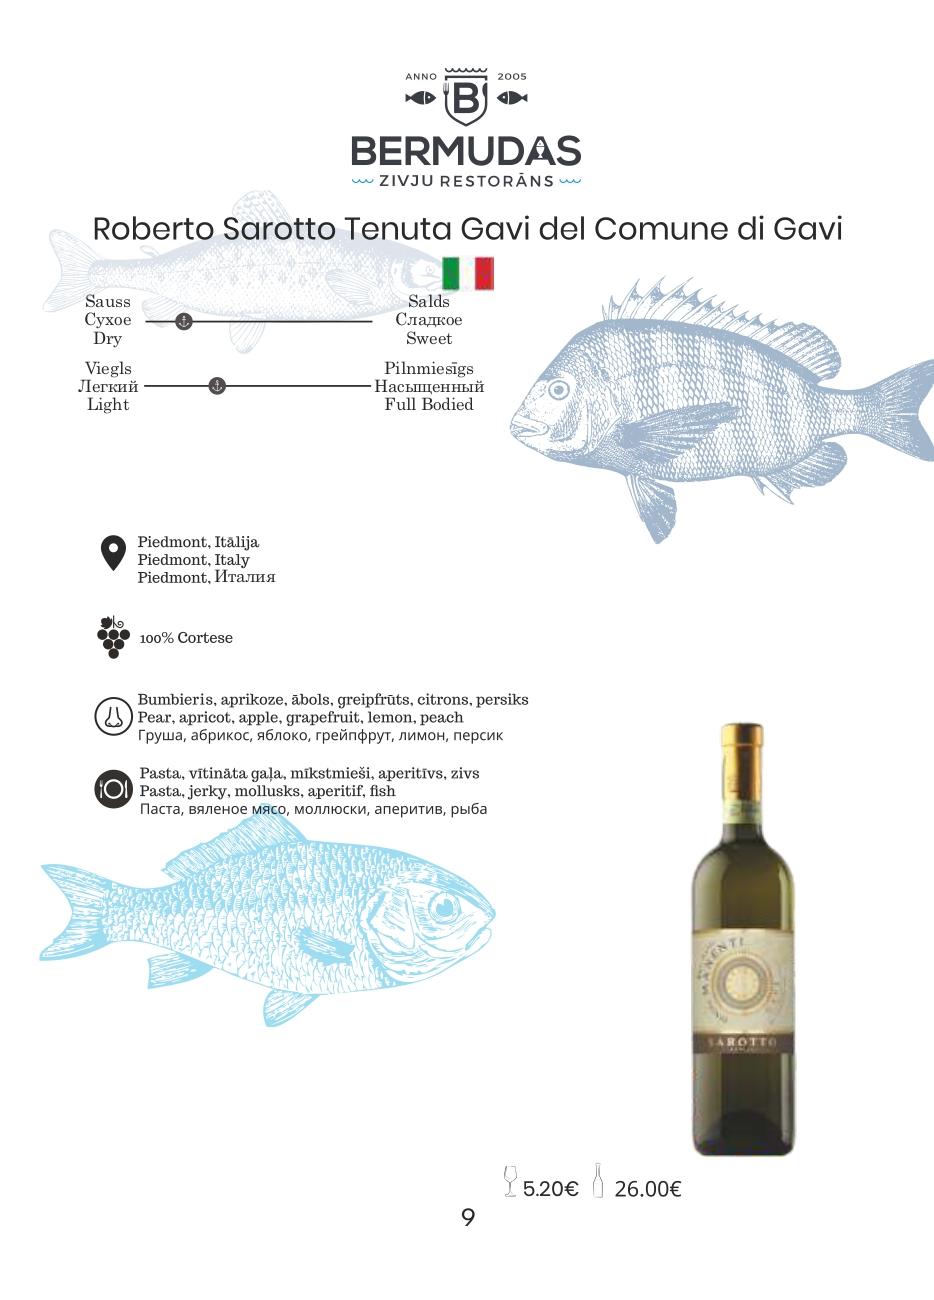 BERMUDAS - edienkarte 2021 - web 9-16_page-0006